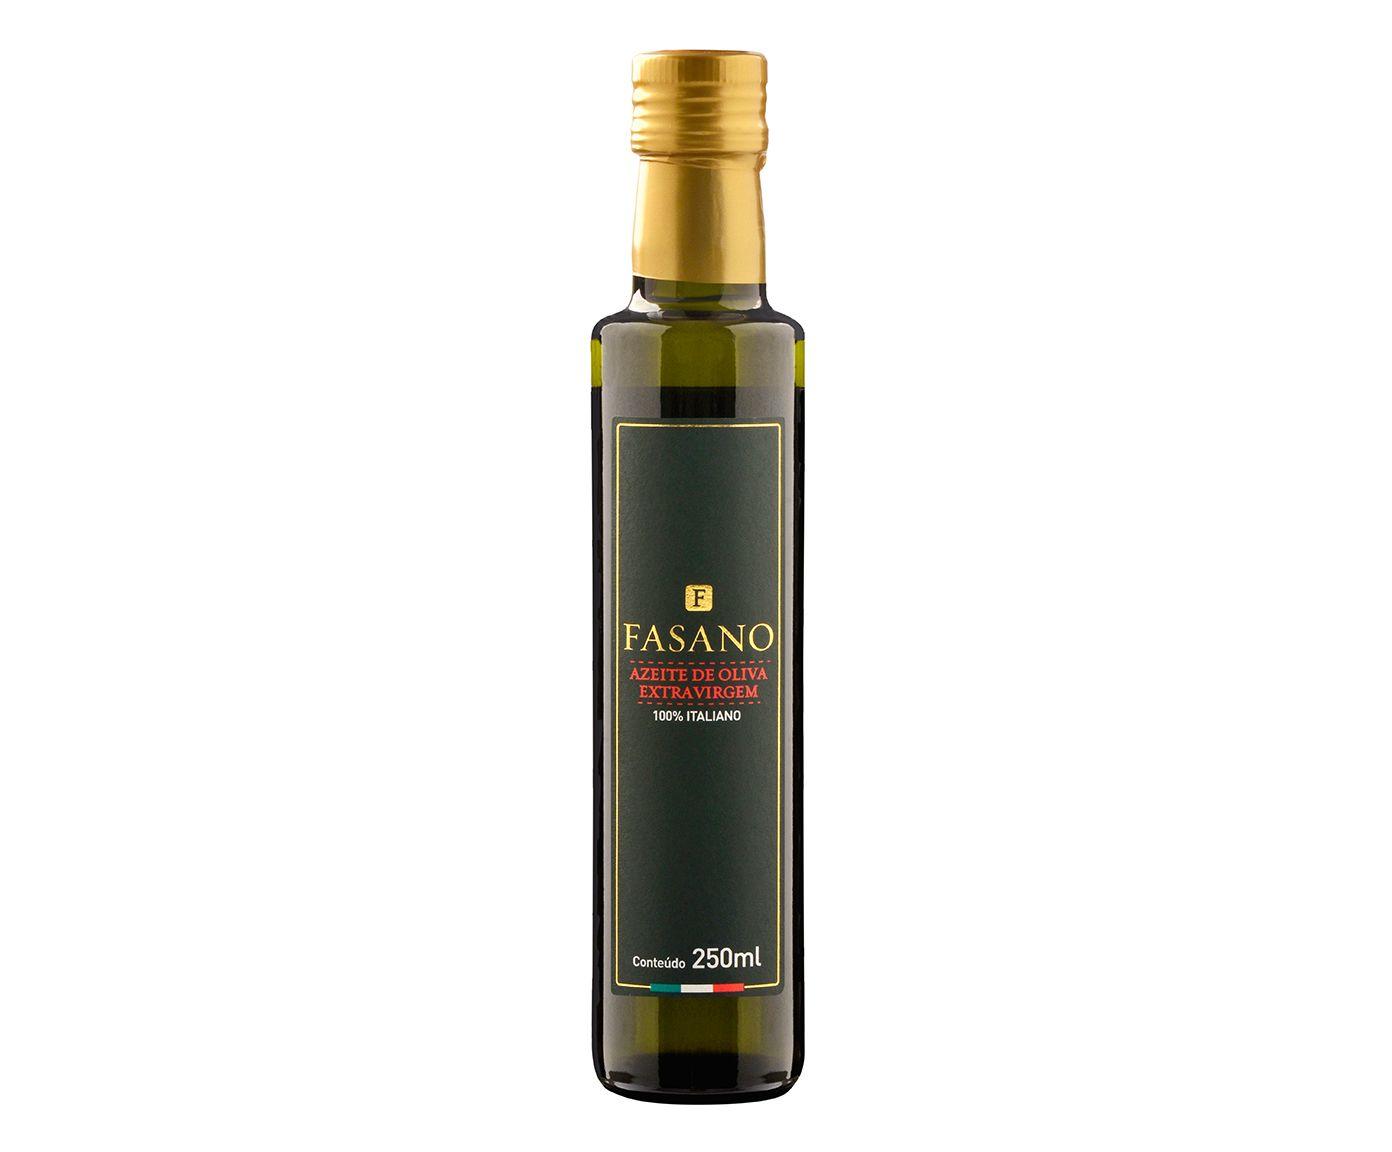 Azeite Extravirgem Fasano 100% Italiano - 250ml | Westwing.com.br